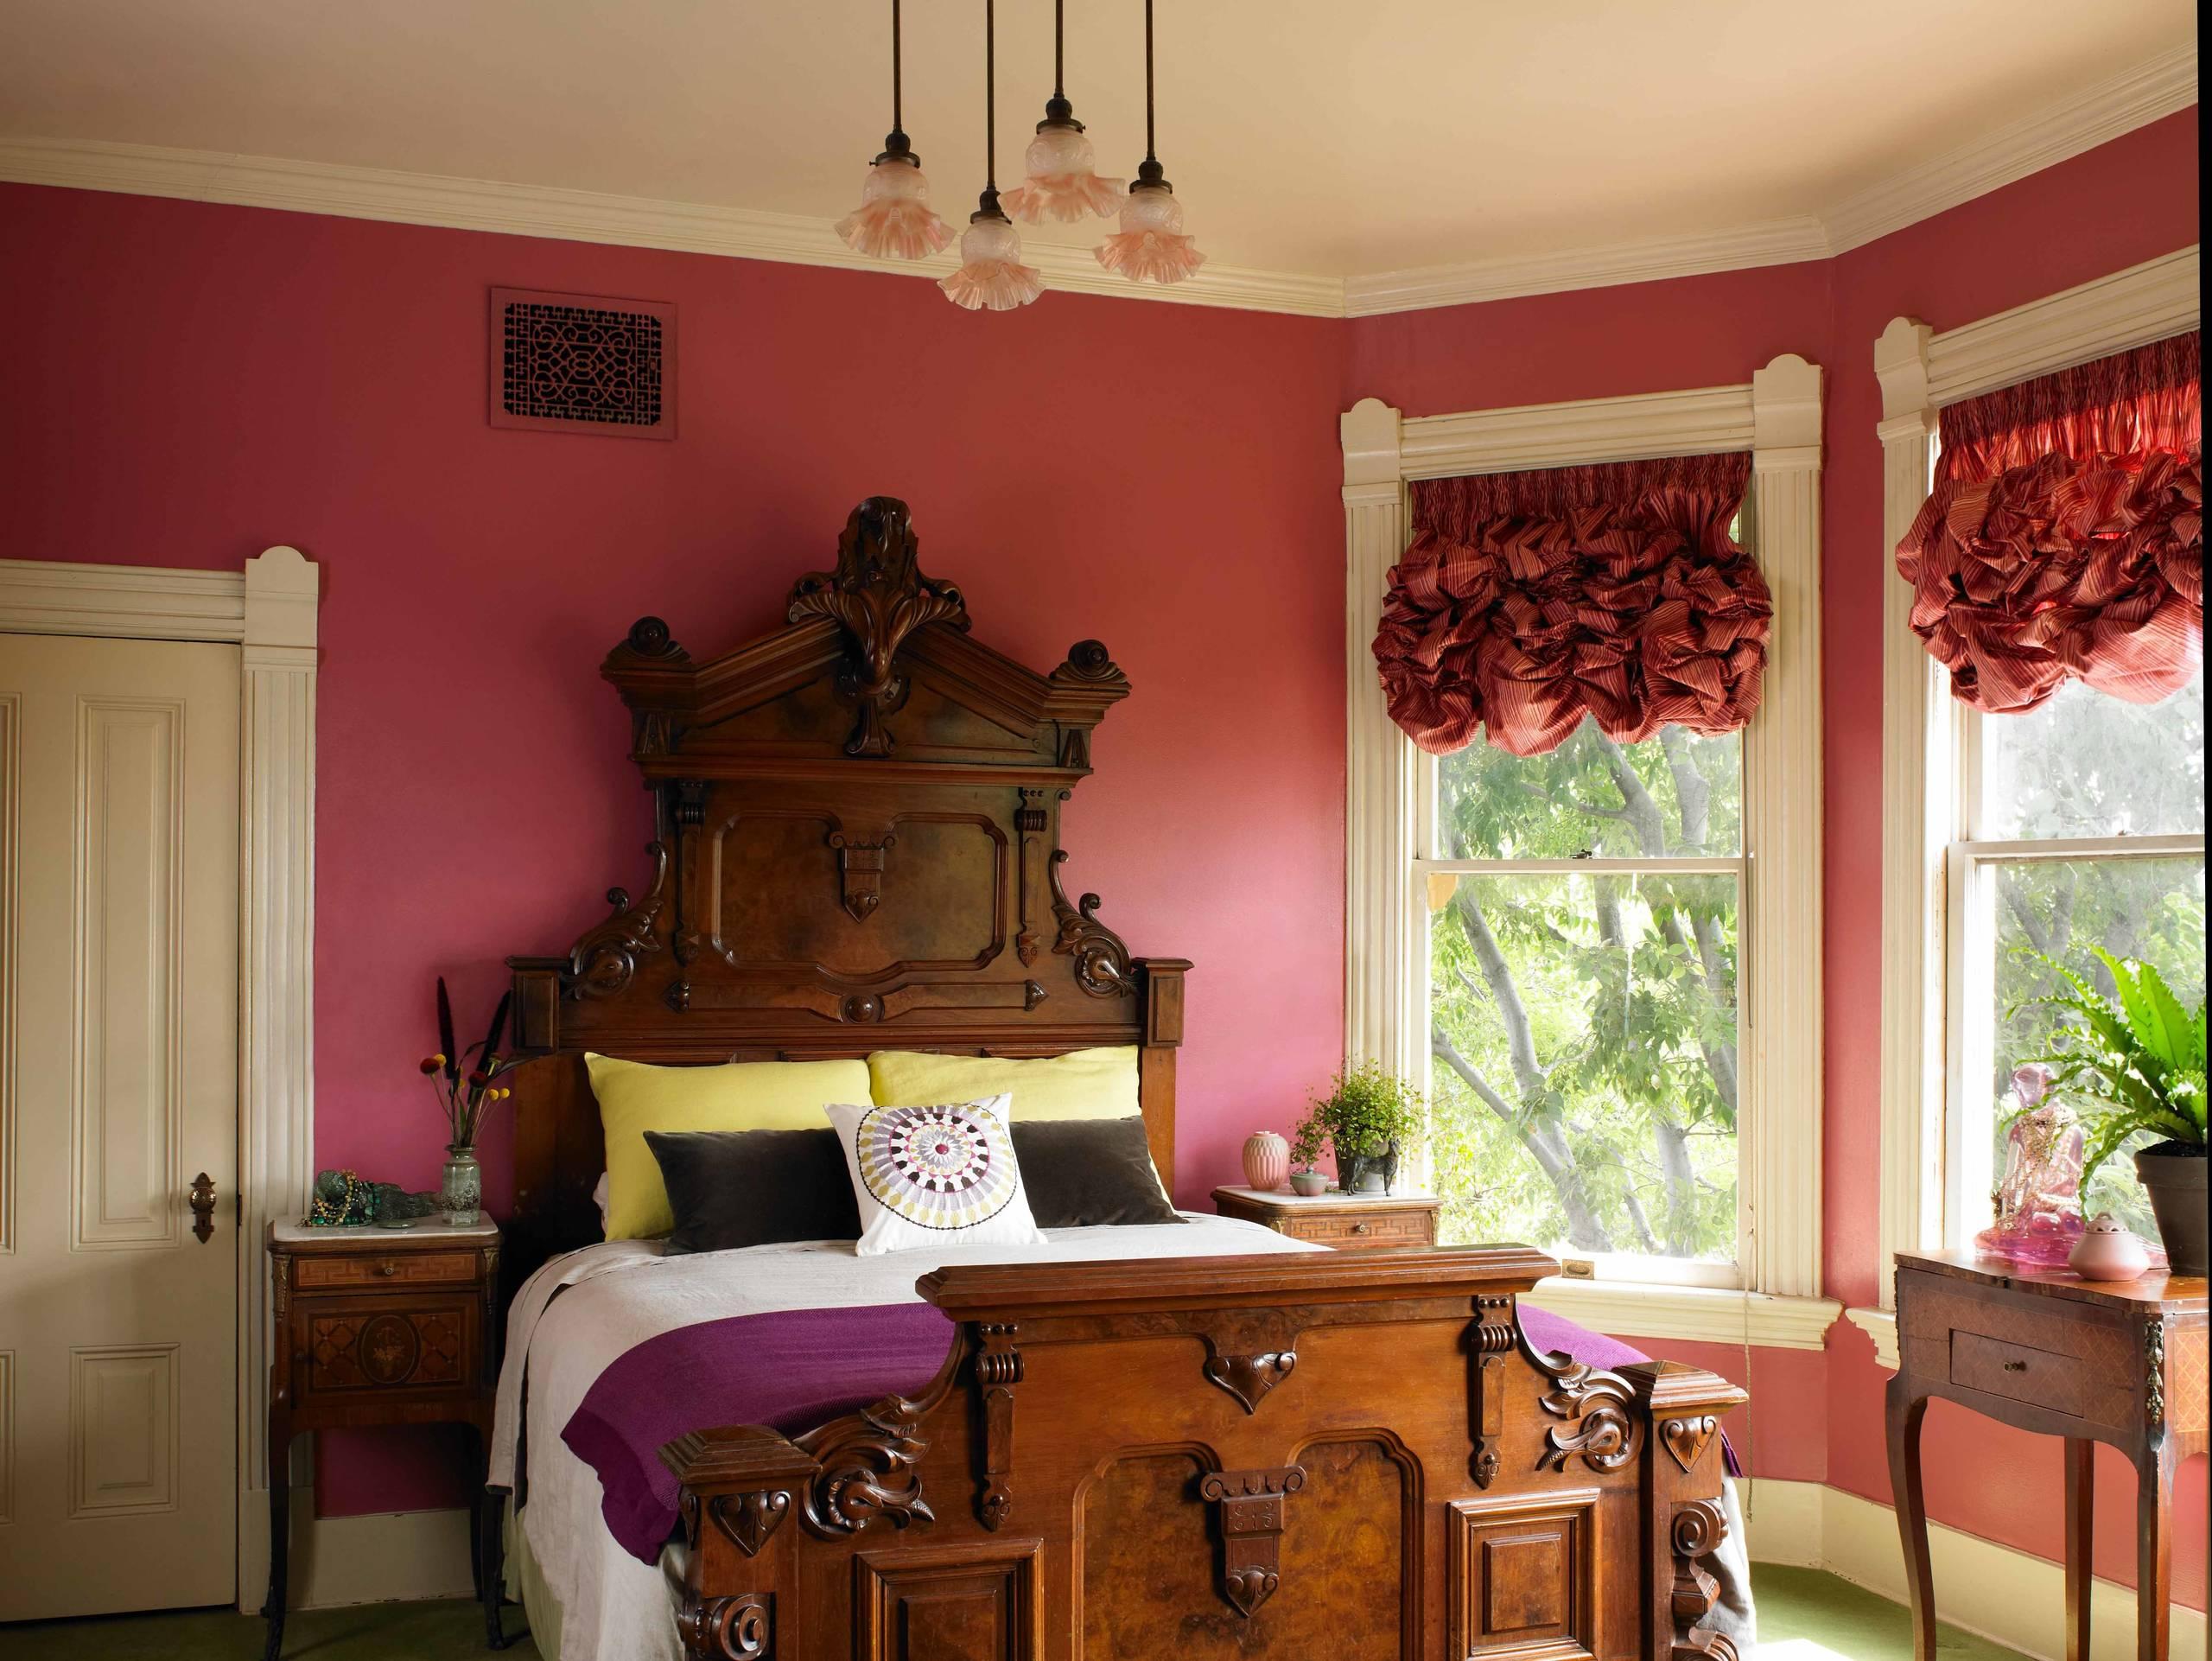 Шикарная небольшая спальная комната, оформленная в красных тонах